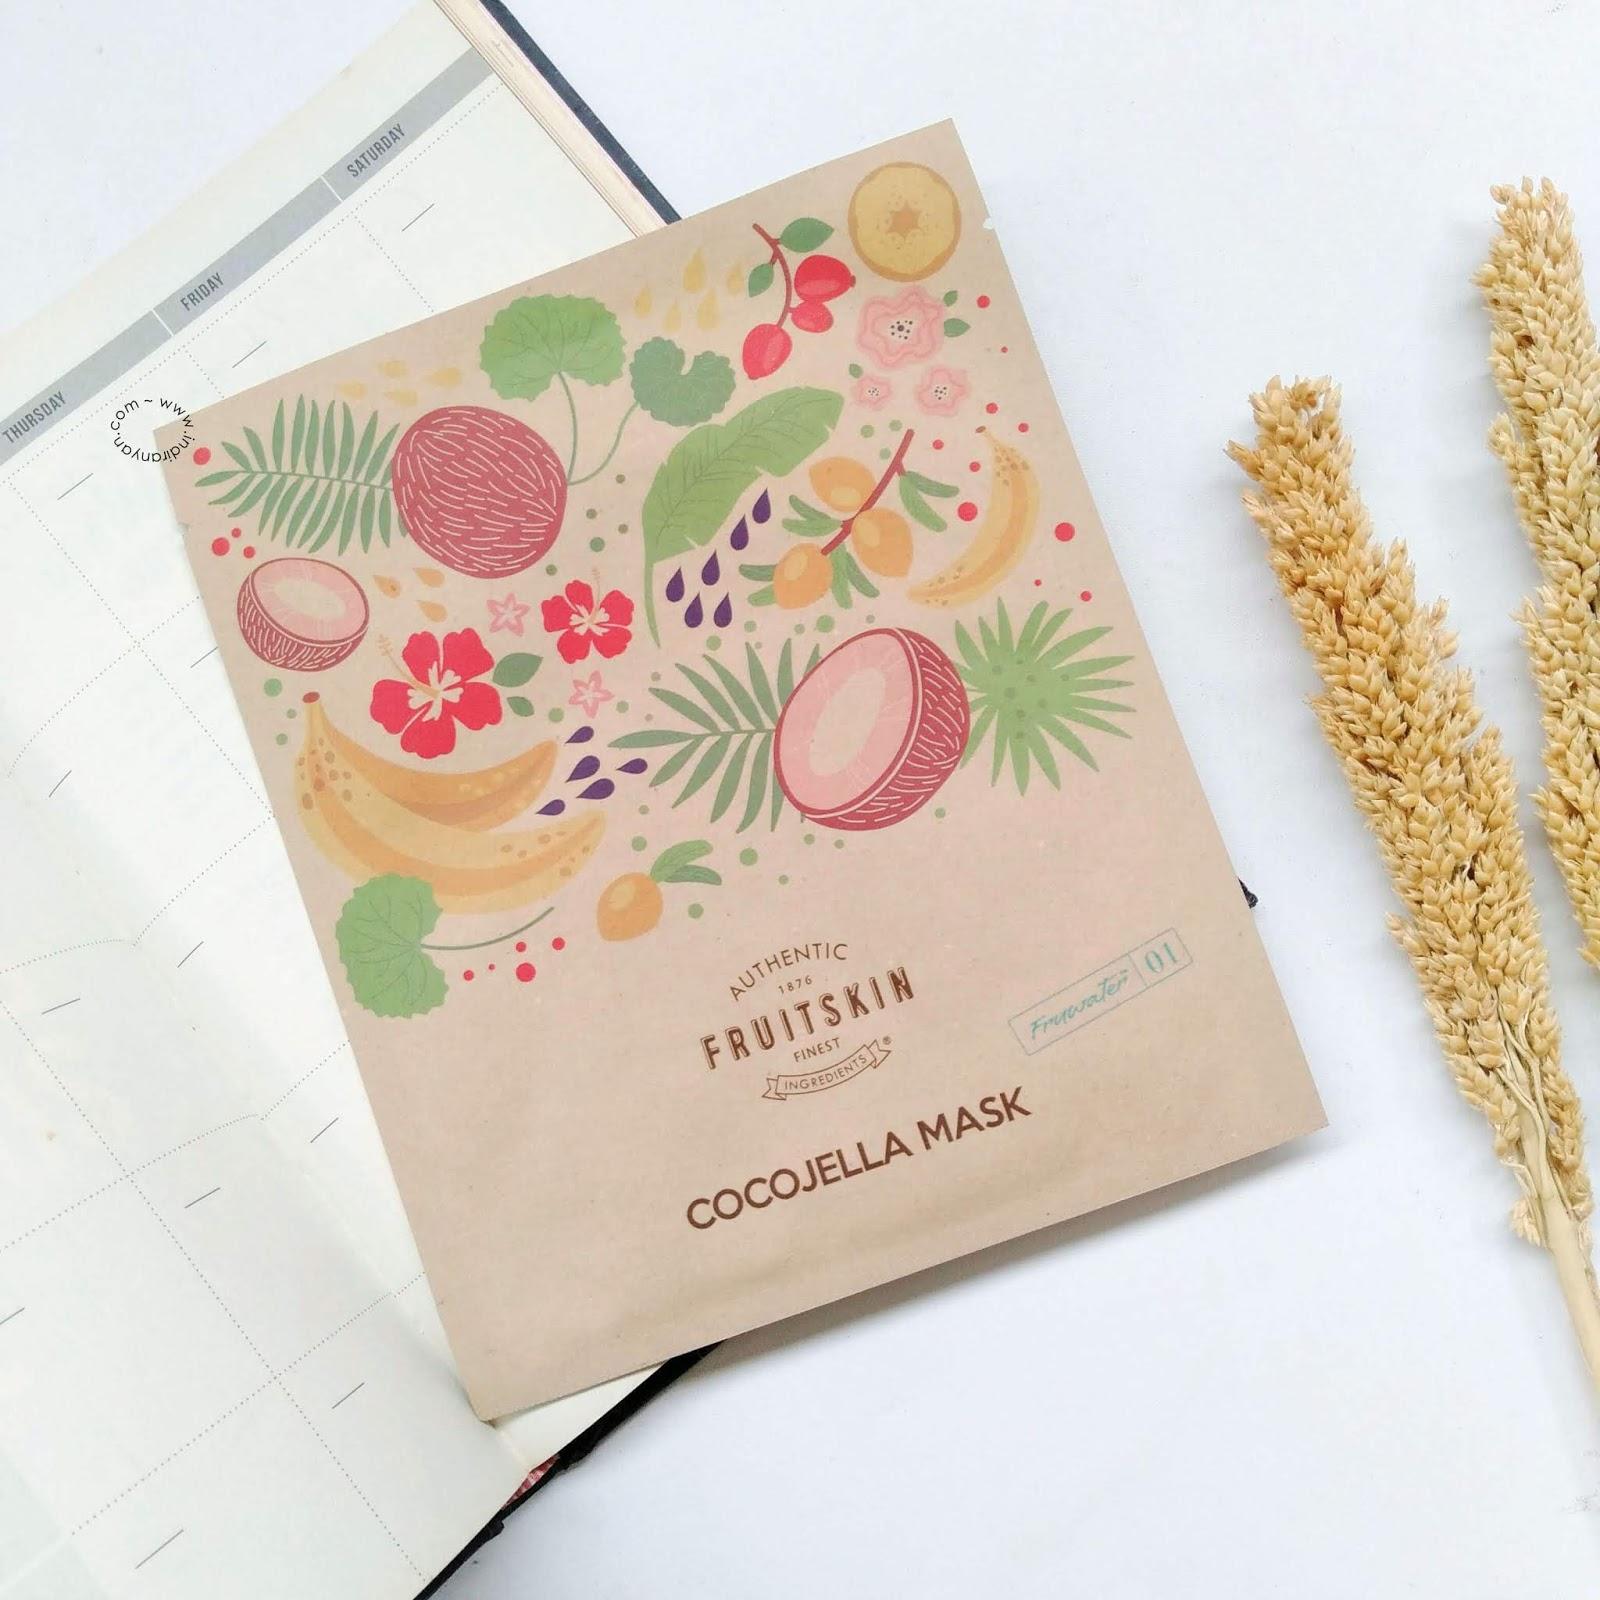 fruitskin-cocojella-mask